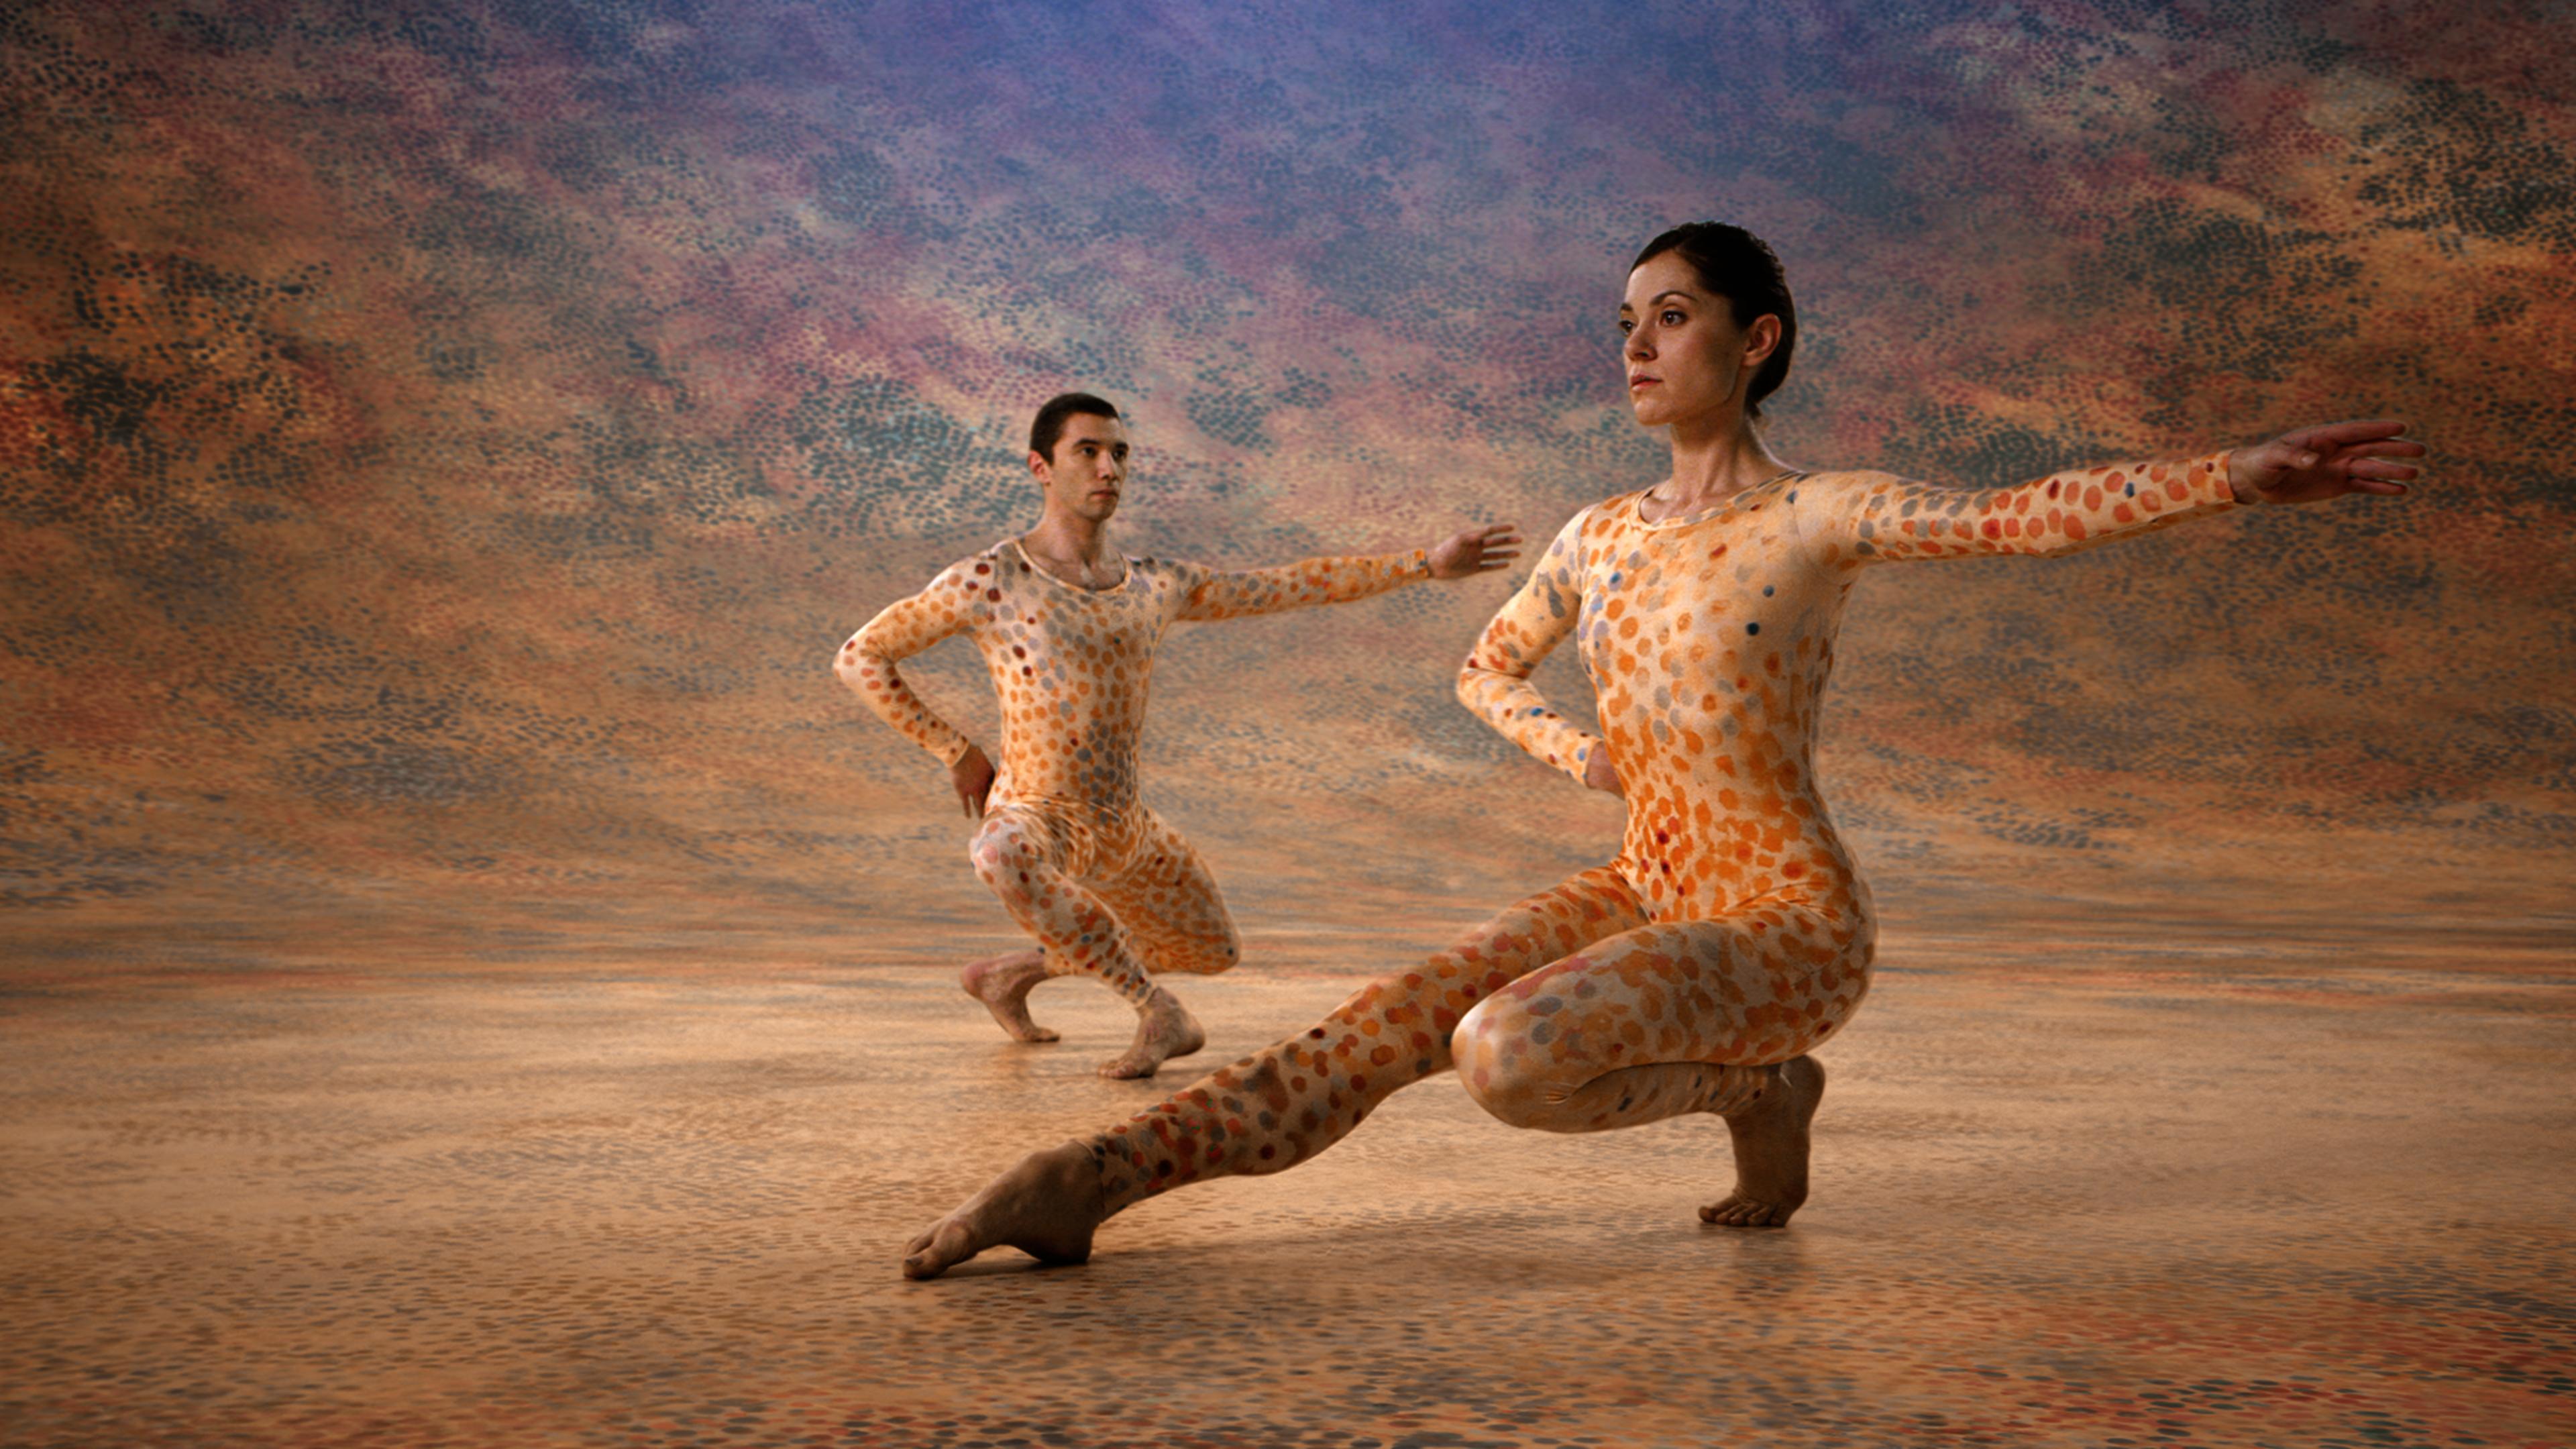 https://www.danzaurbana.eu/festival/wp-content/uploads/1.jpg